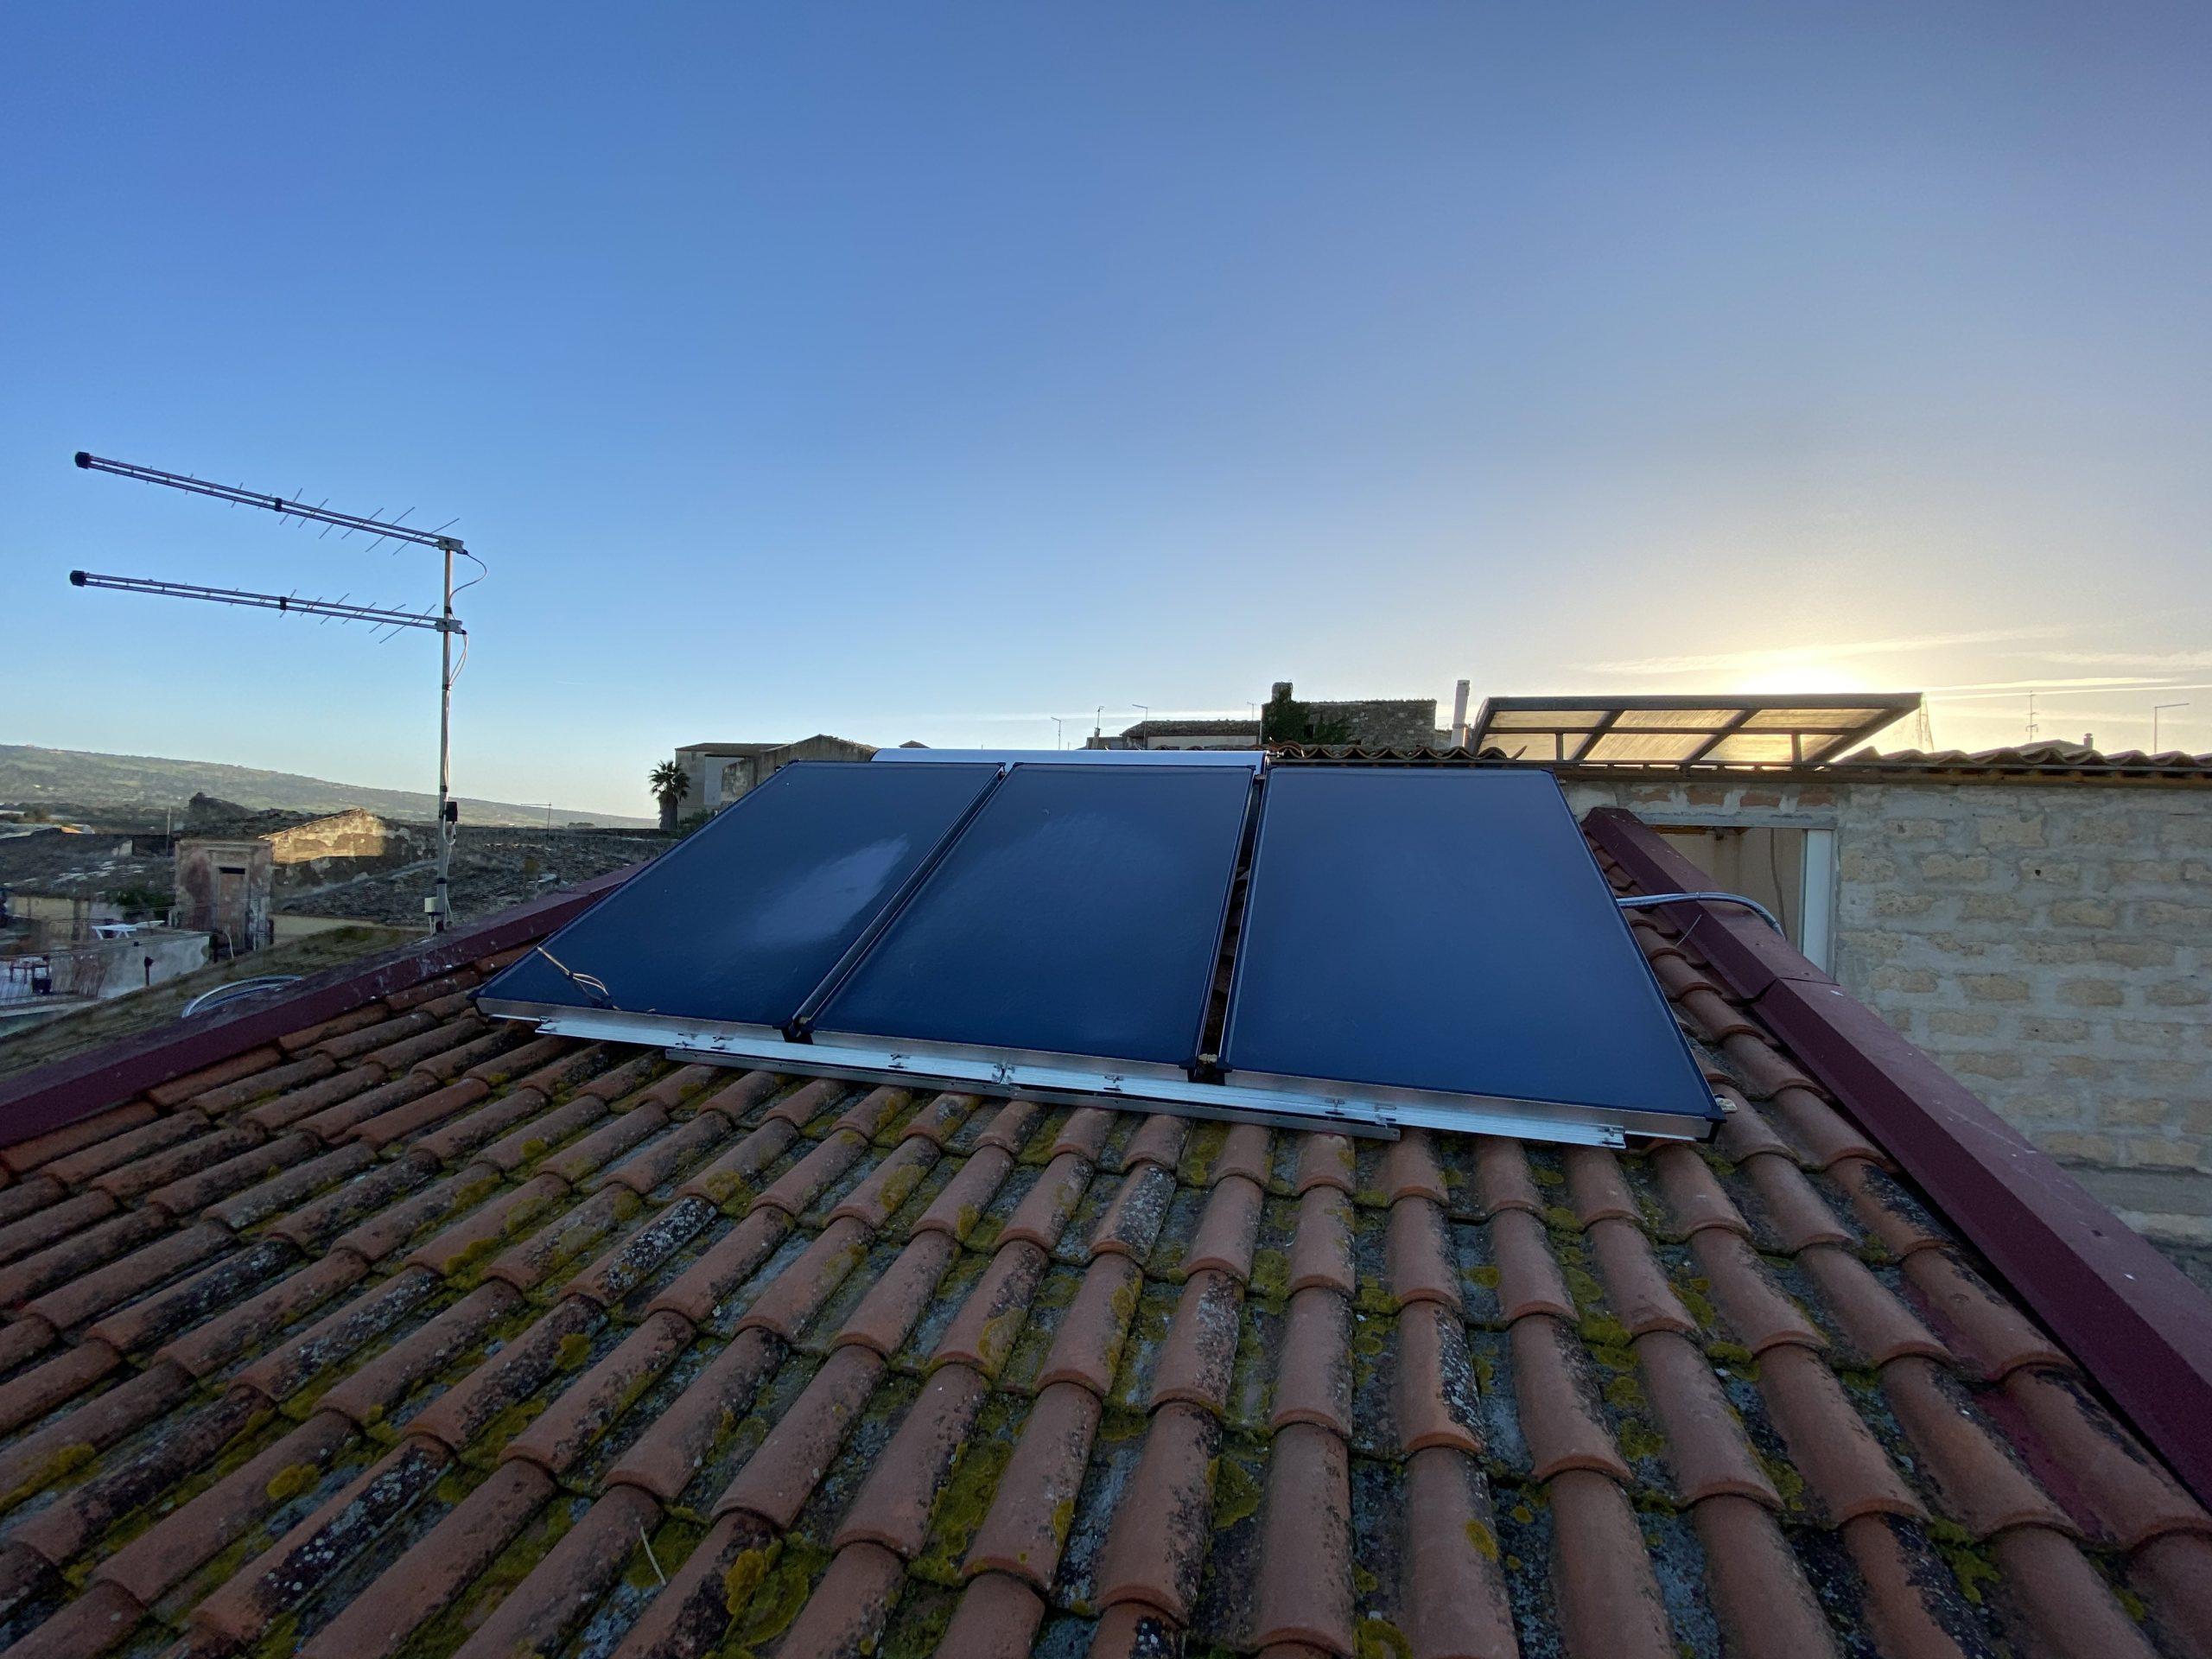 Installazione completa del solare termico a 3 pannelli con boiler da 320 lt per acqua calda sanitaria